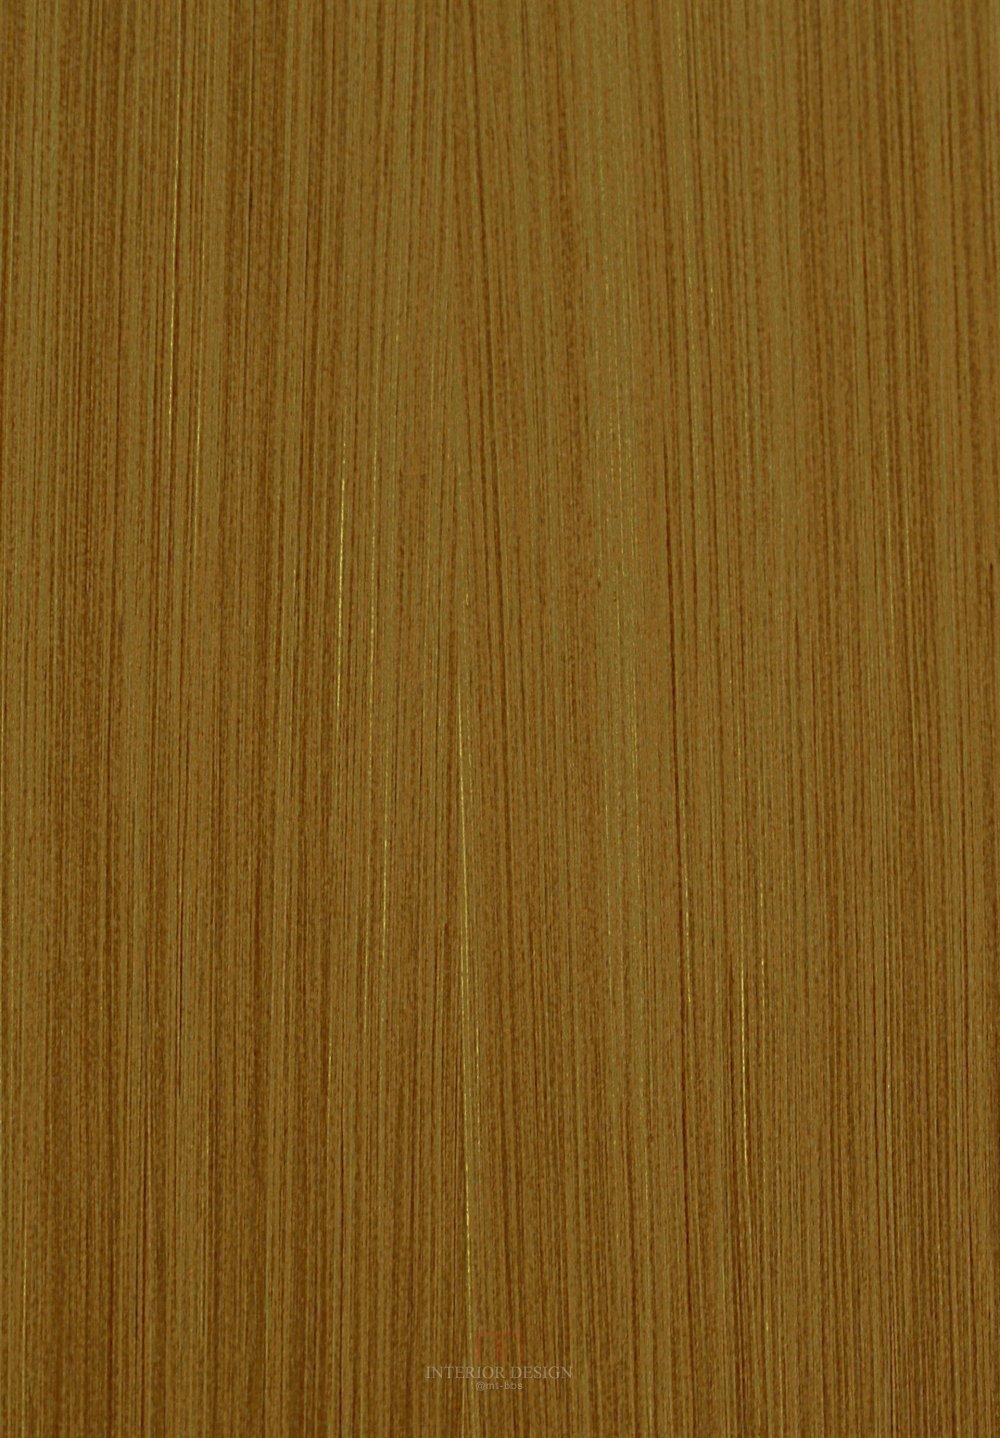 人造木纹_K6249_F0603.jpg